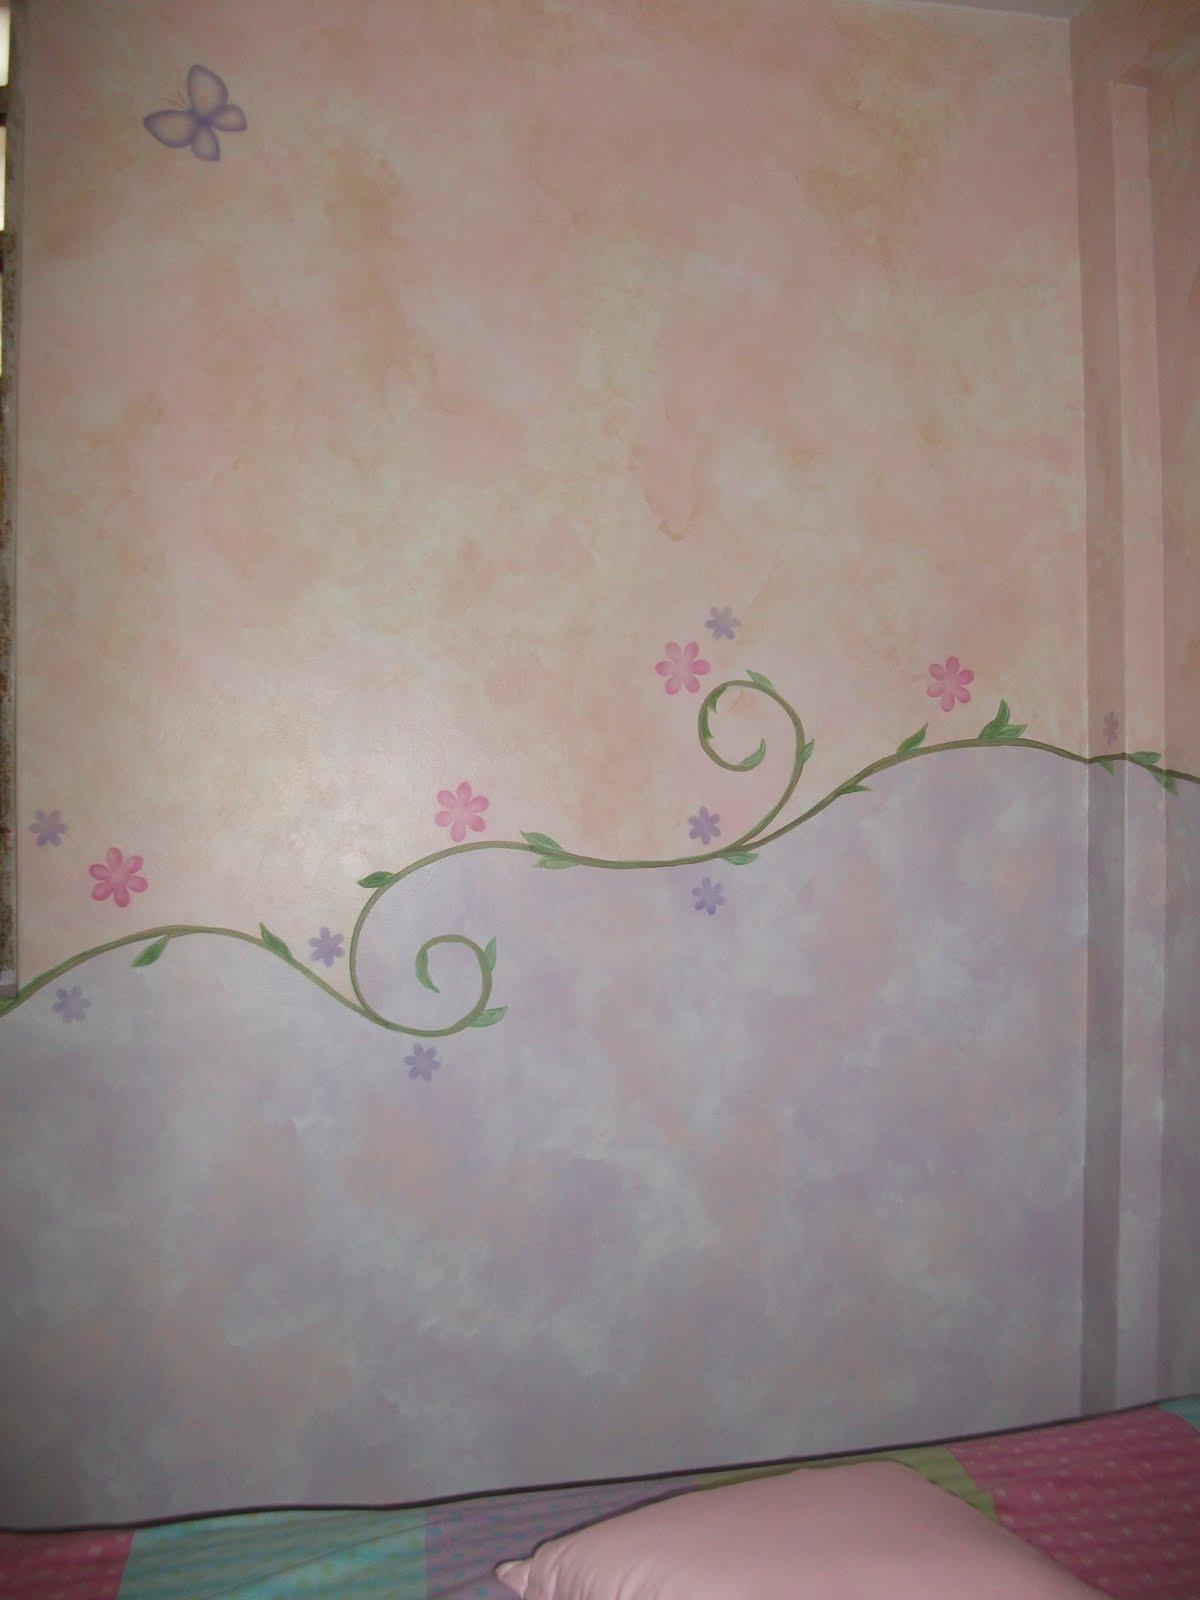 decoracion con cenefas para bebe pintadas y asimetricas en forma de ramas y motivos sueltos